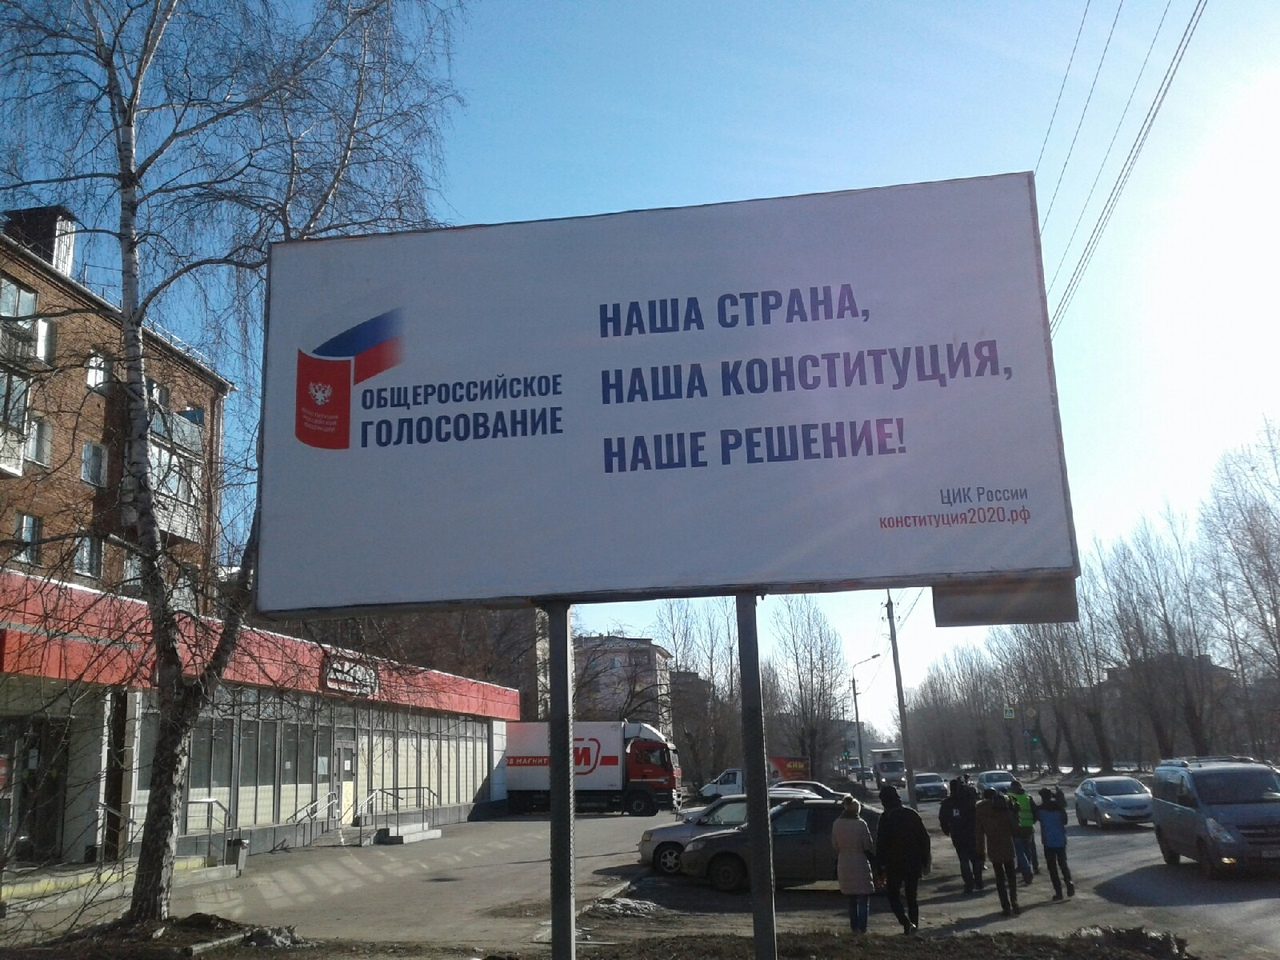 Омские власти потратили на рекламу голосования по поправкам в Конституцию более 5 миллионов #Новости #Общество #Омск